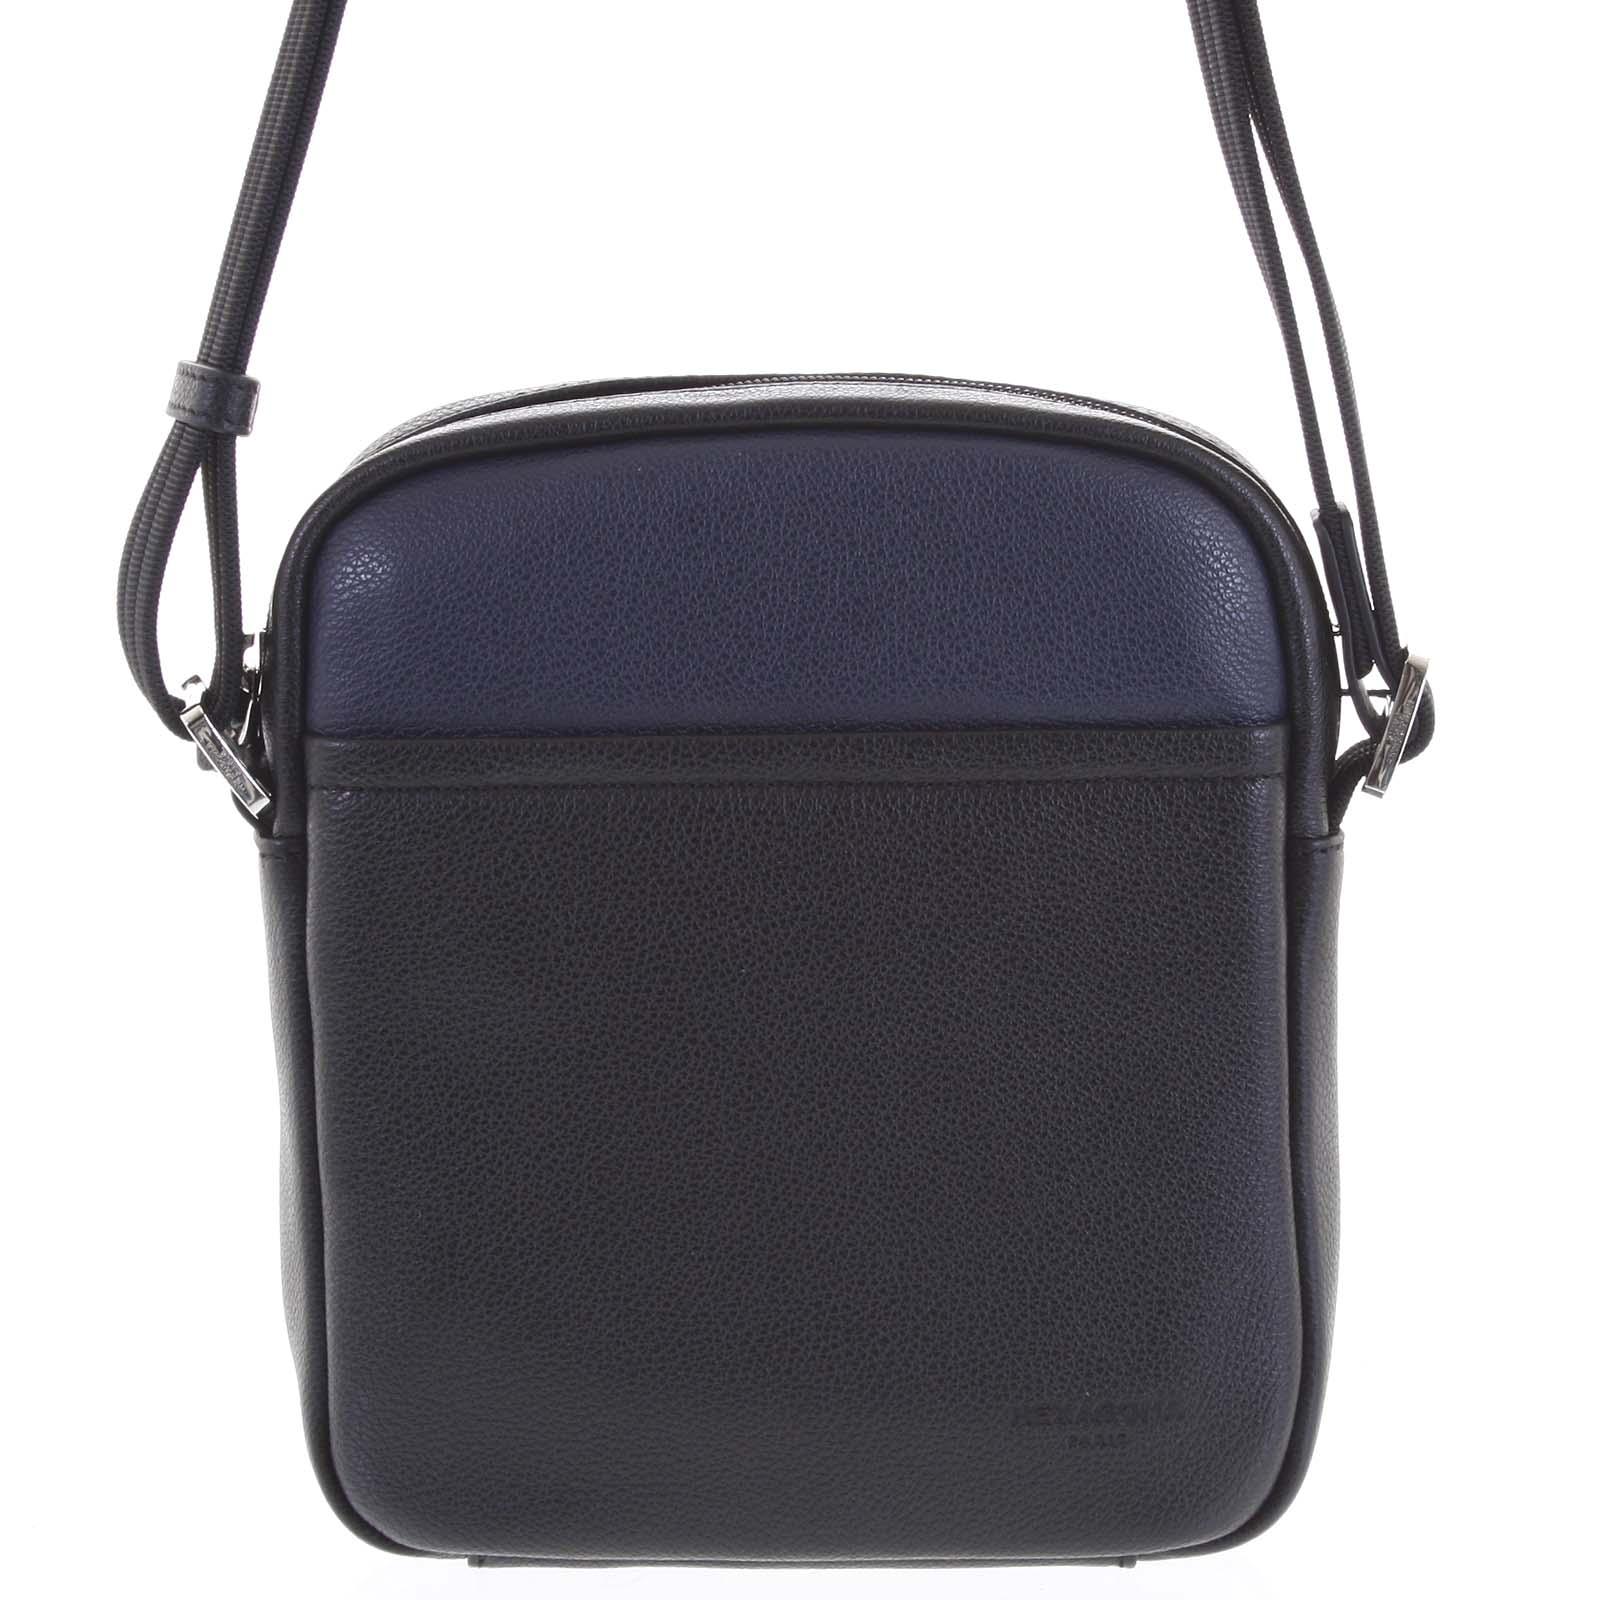 Pánska kožená taška na doklady čierno modrá - Hexagona Thursday